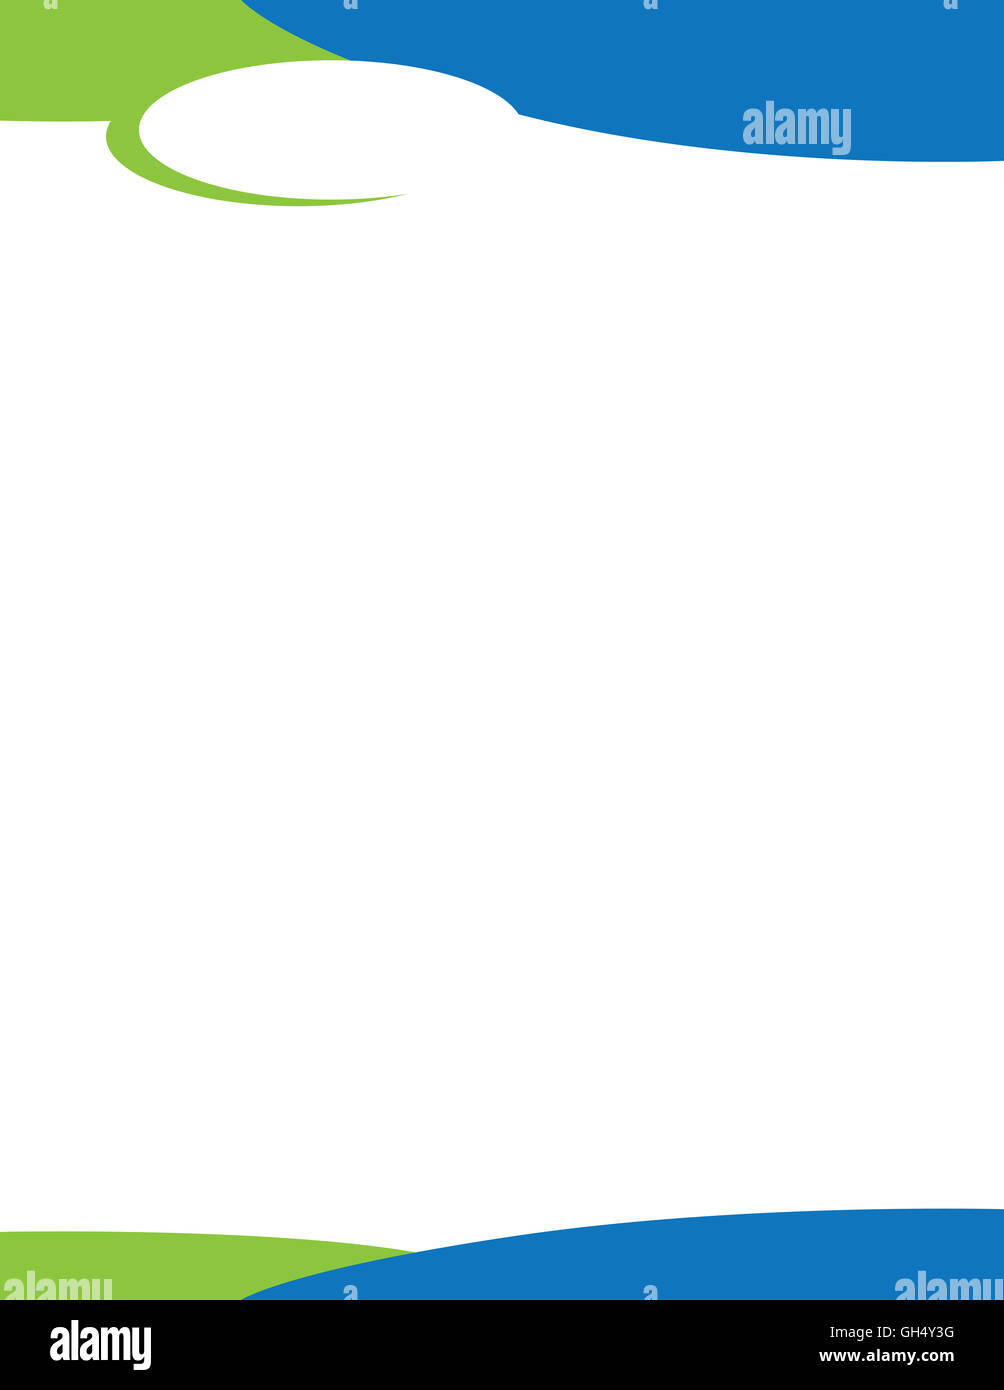 Swirl Letterhead Template for Logo Blue Green - Stock Image